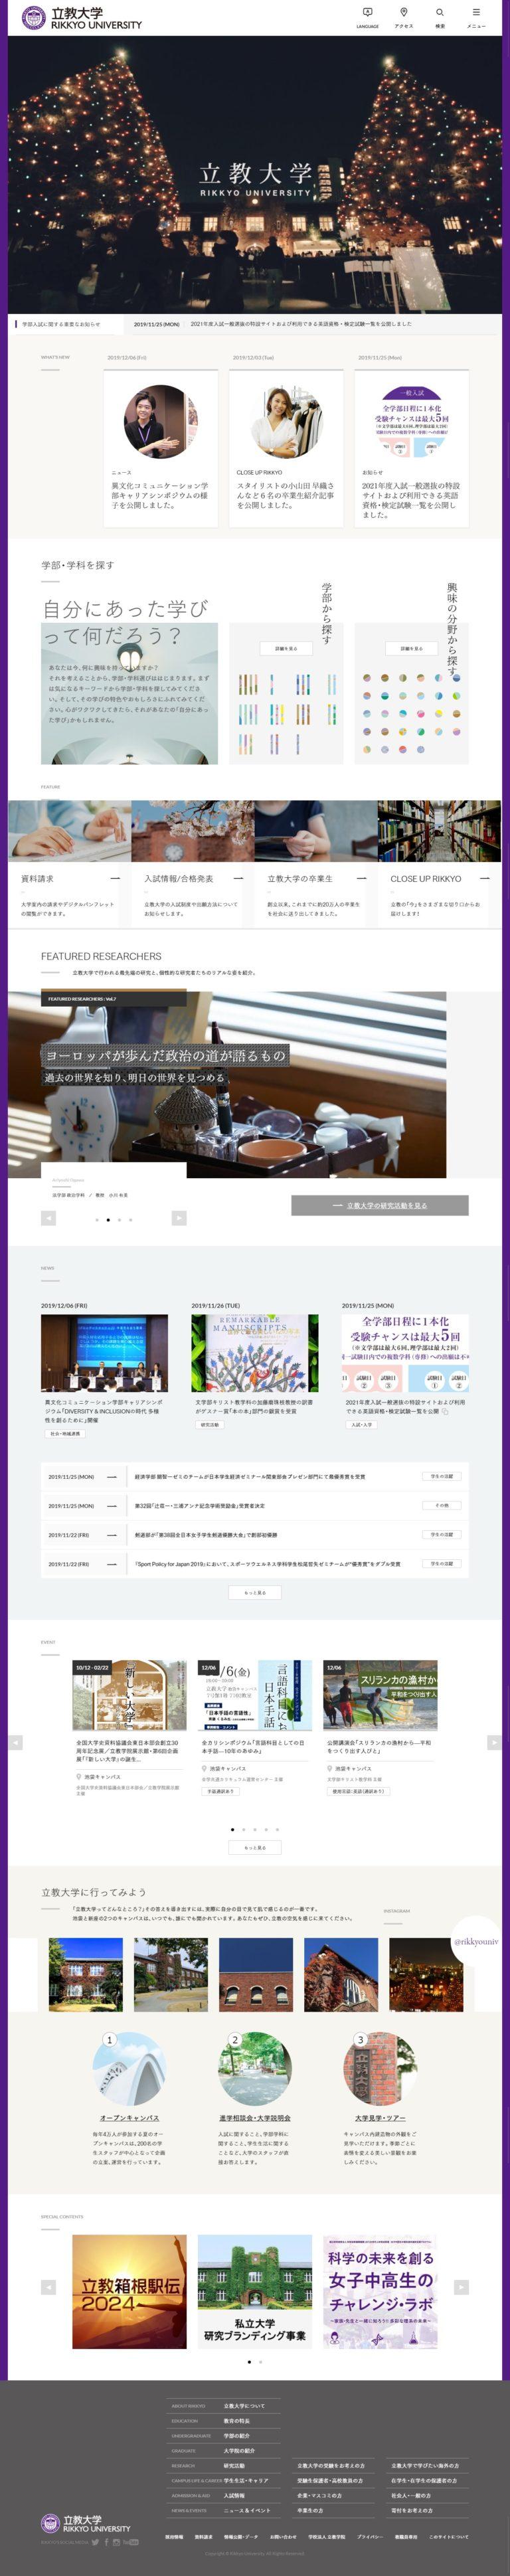 立教大学オフィシャルWebサイト